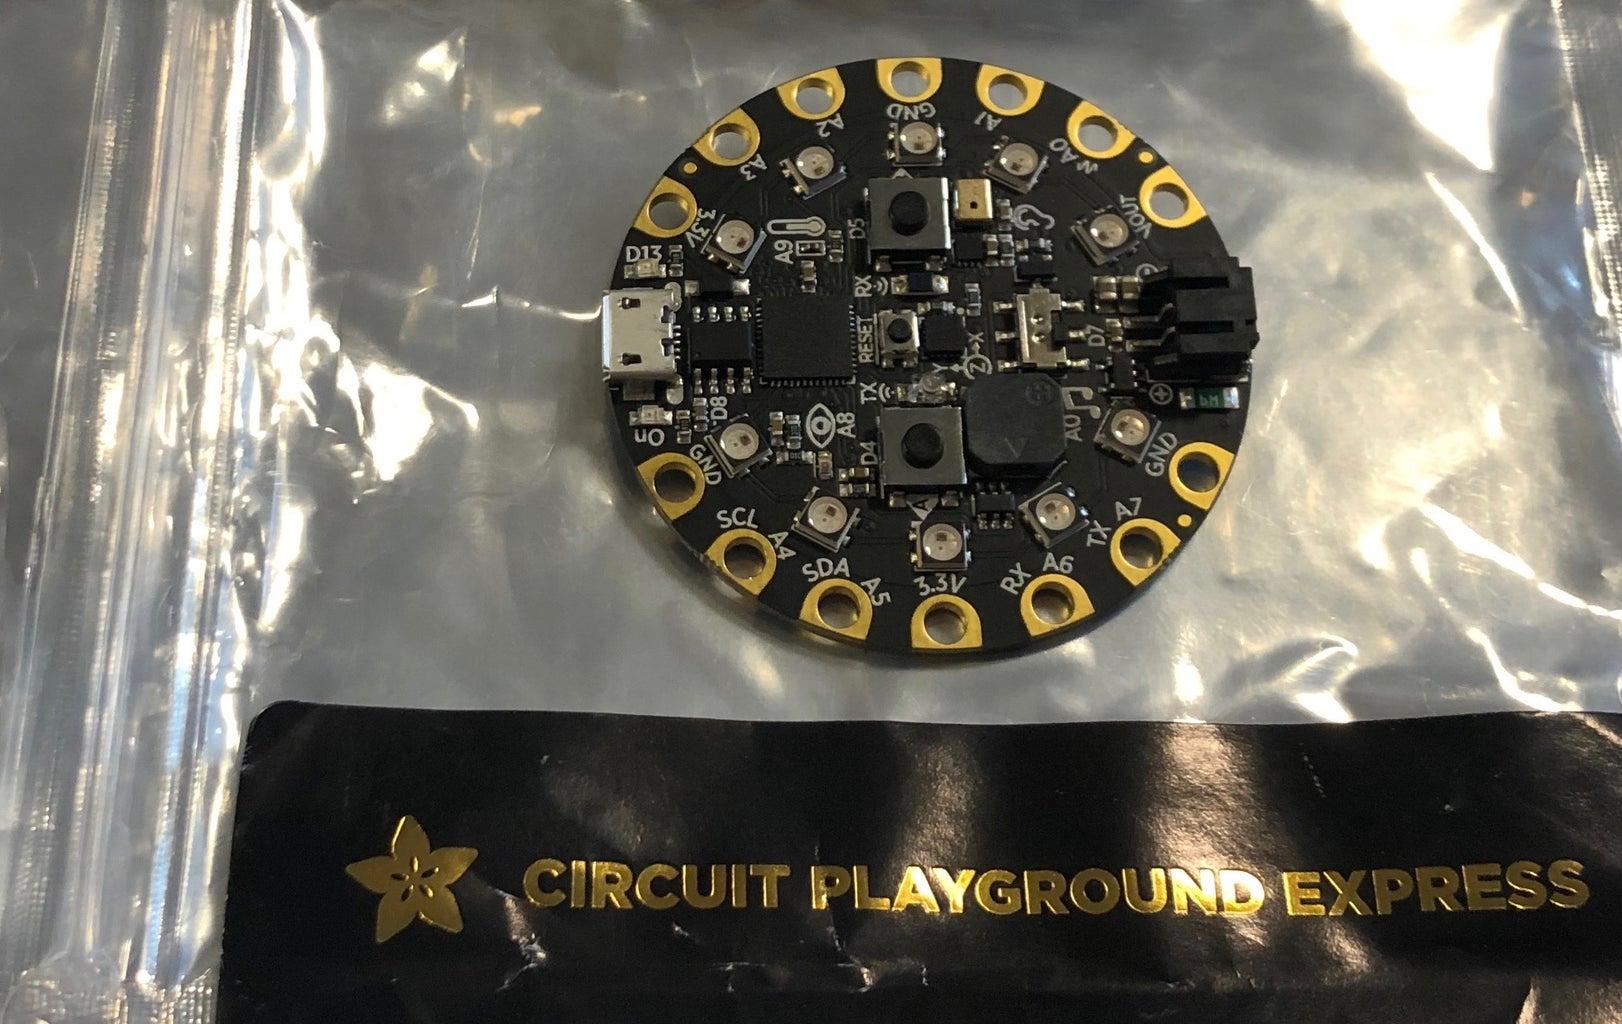 Programming Circuit Playground